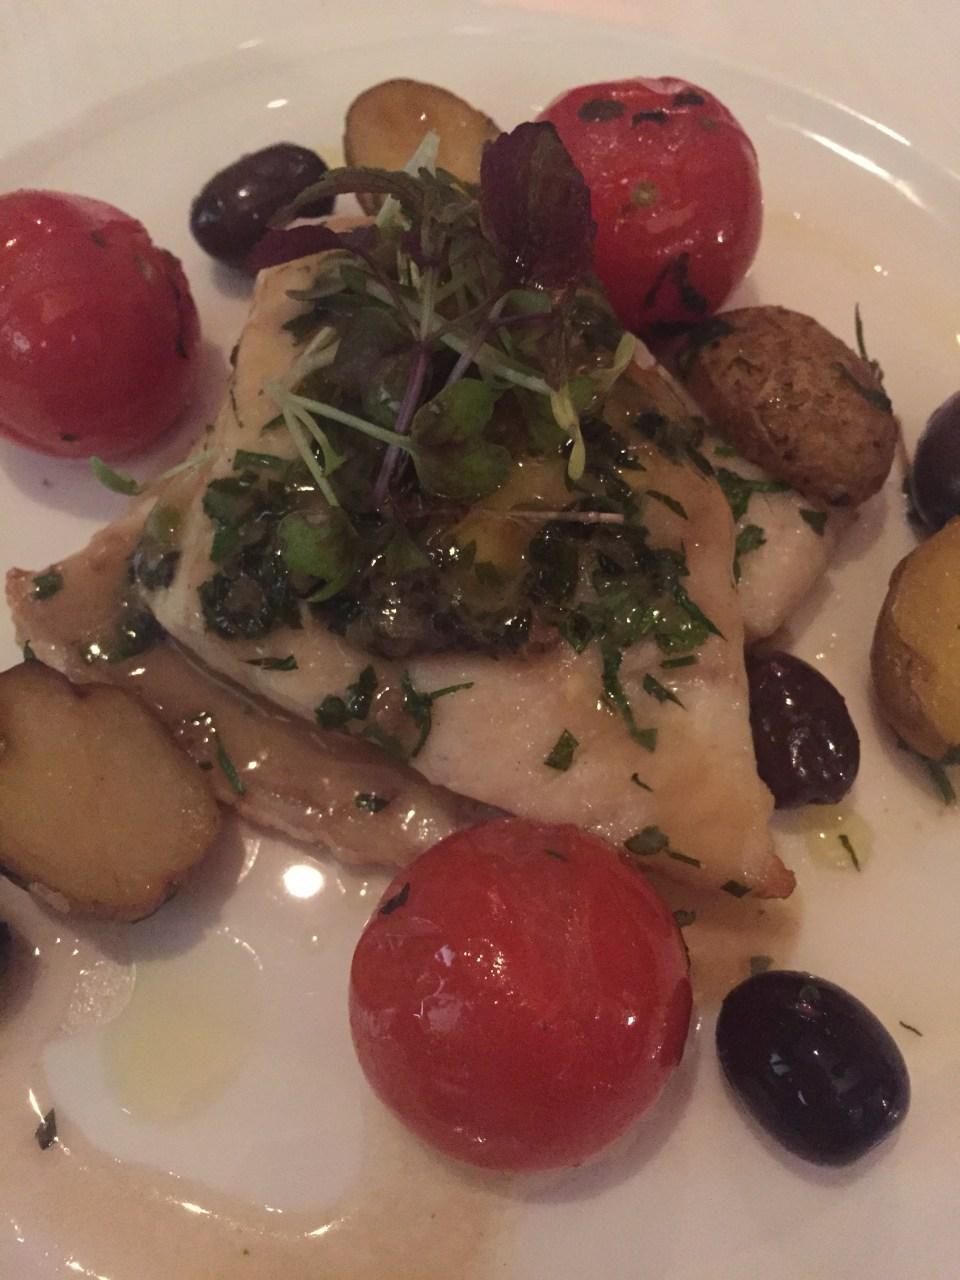 sea bass meal doha food blog italian food